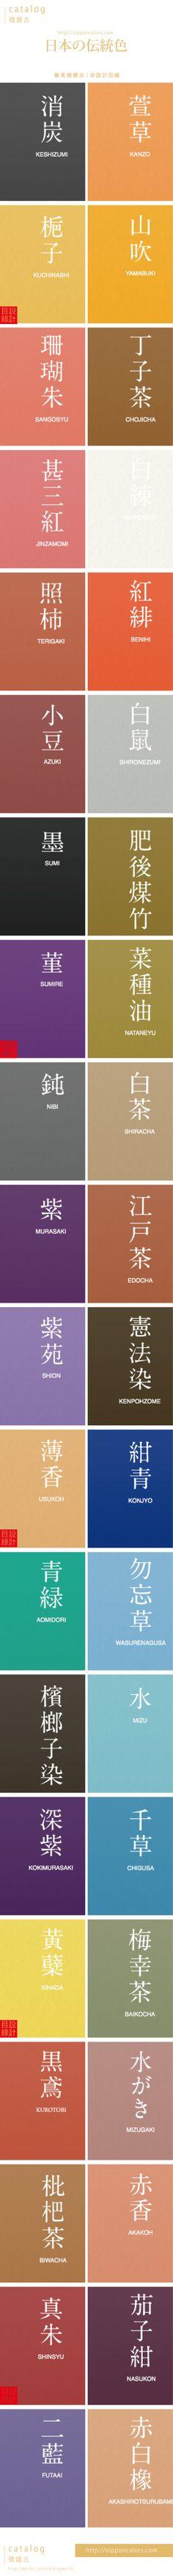 :日本の伝統色   日本對顏色命名,建立在中國原色基礎上